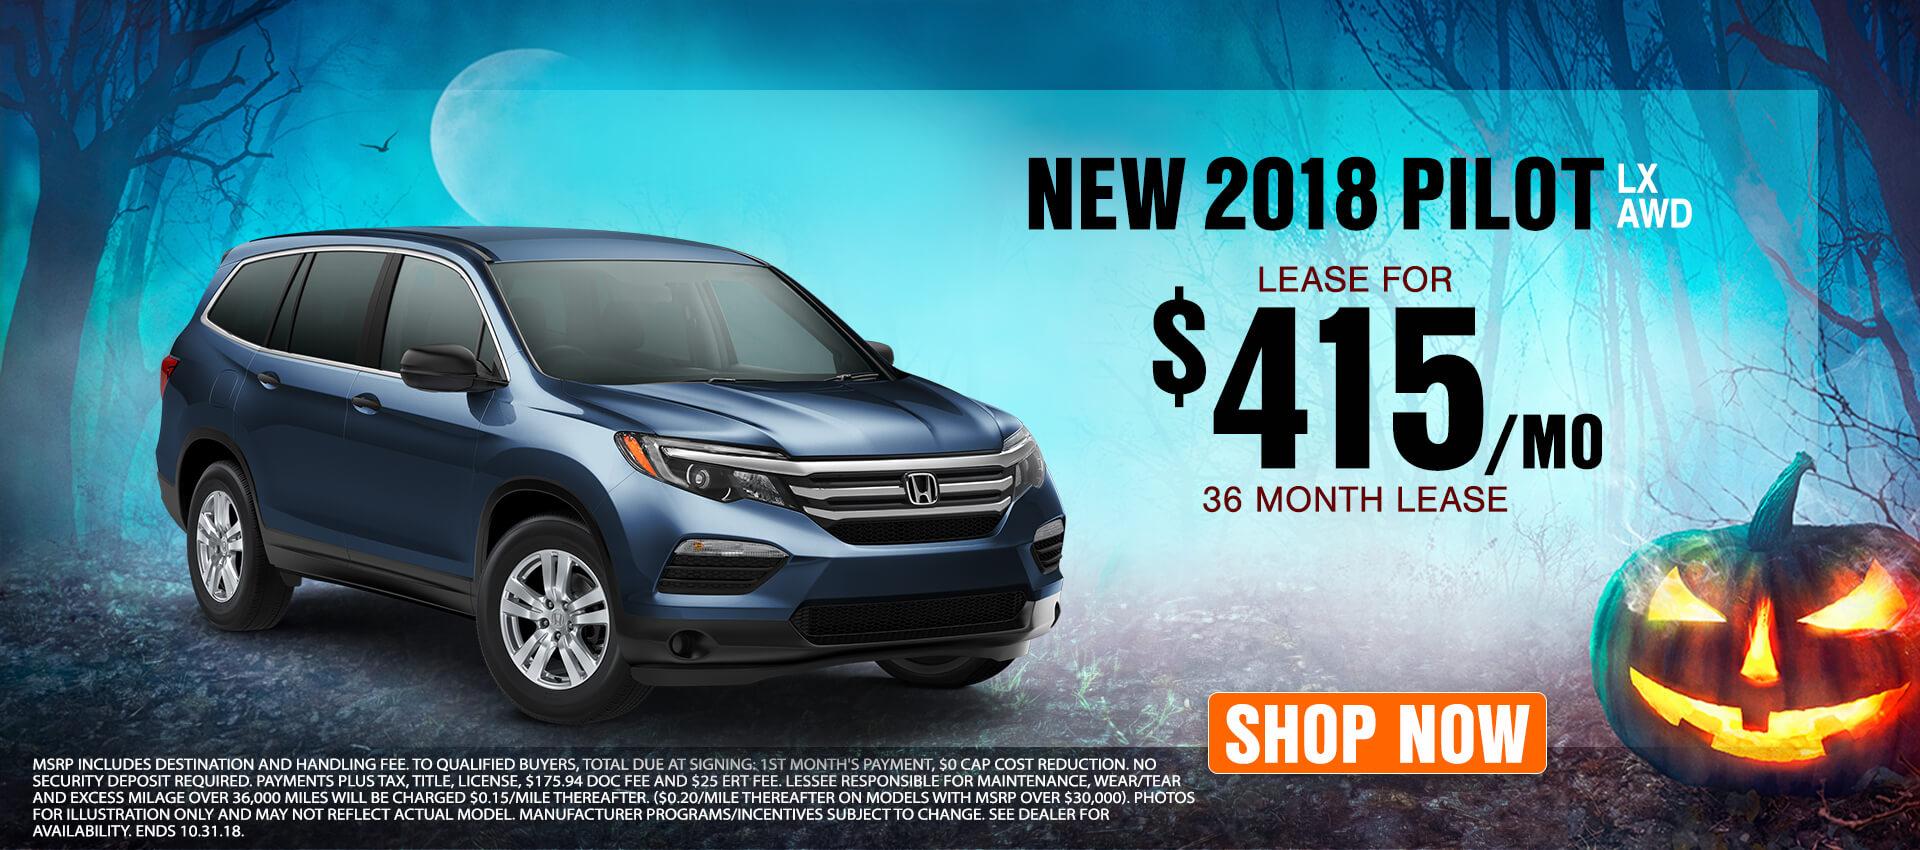 2018 Honda Pilot - Lease for $415